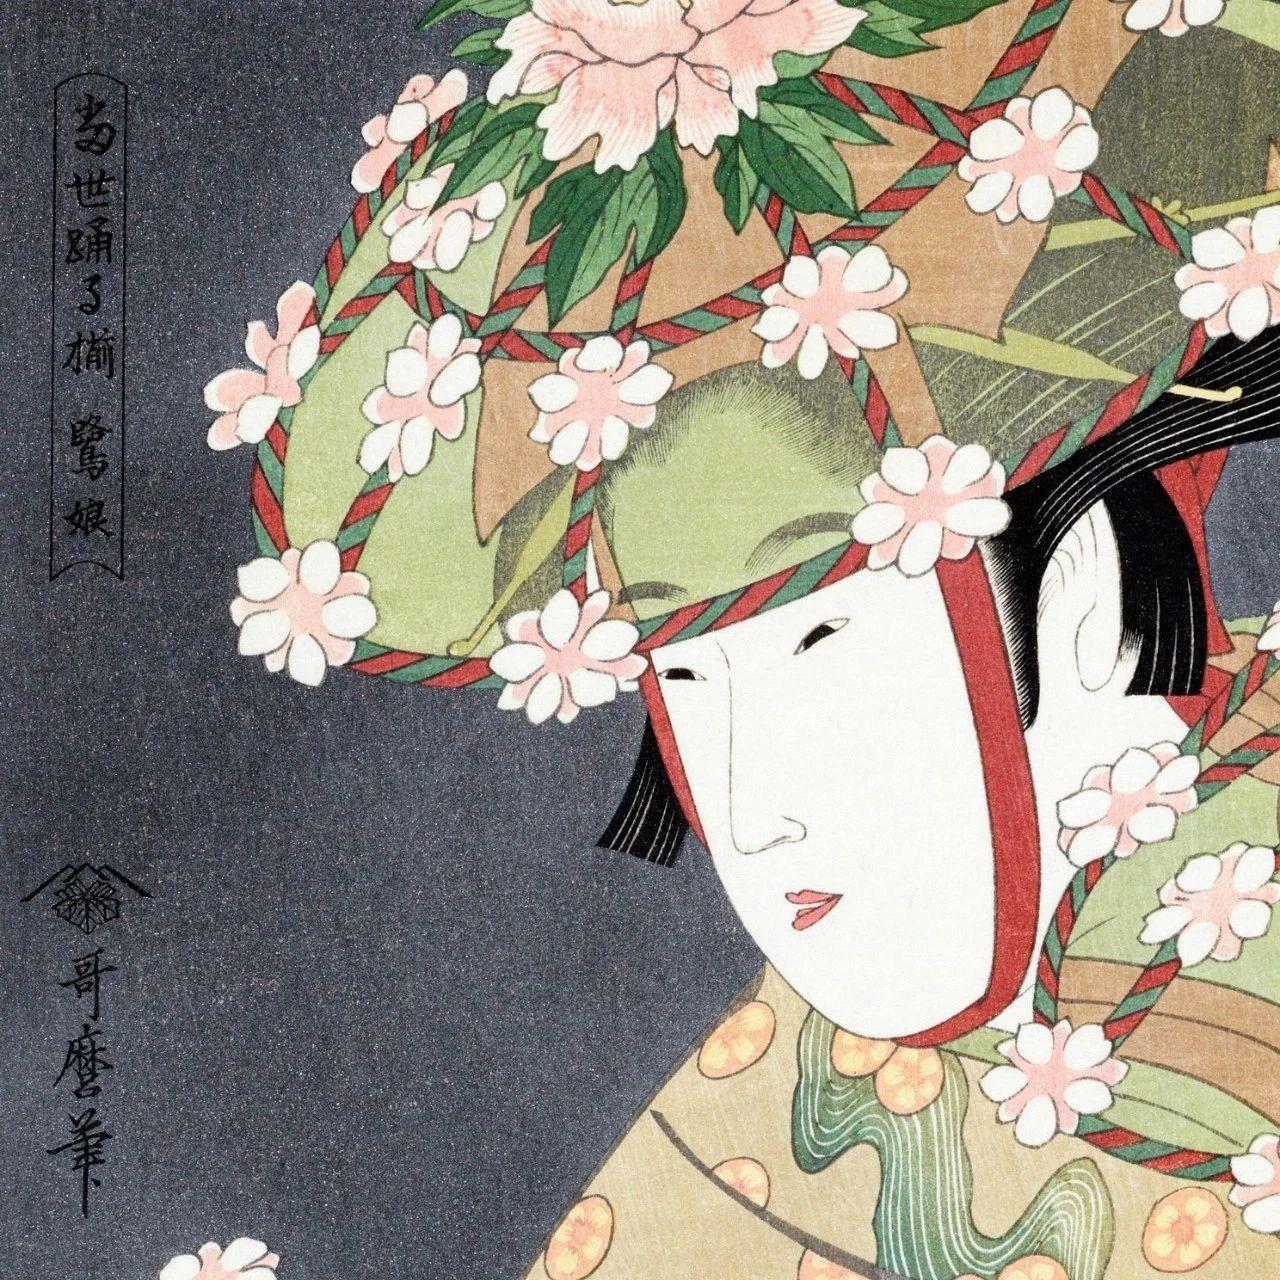 日本浮世绘版画第二场,甄选43件名家佳作,截拍在即!